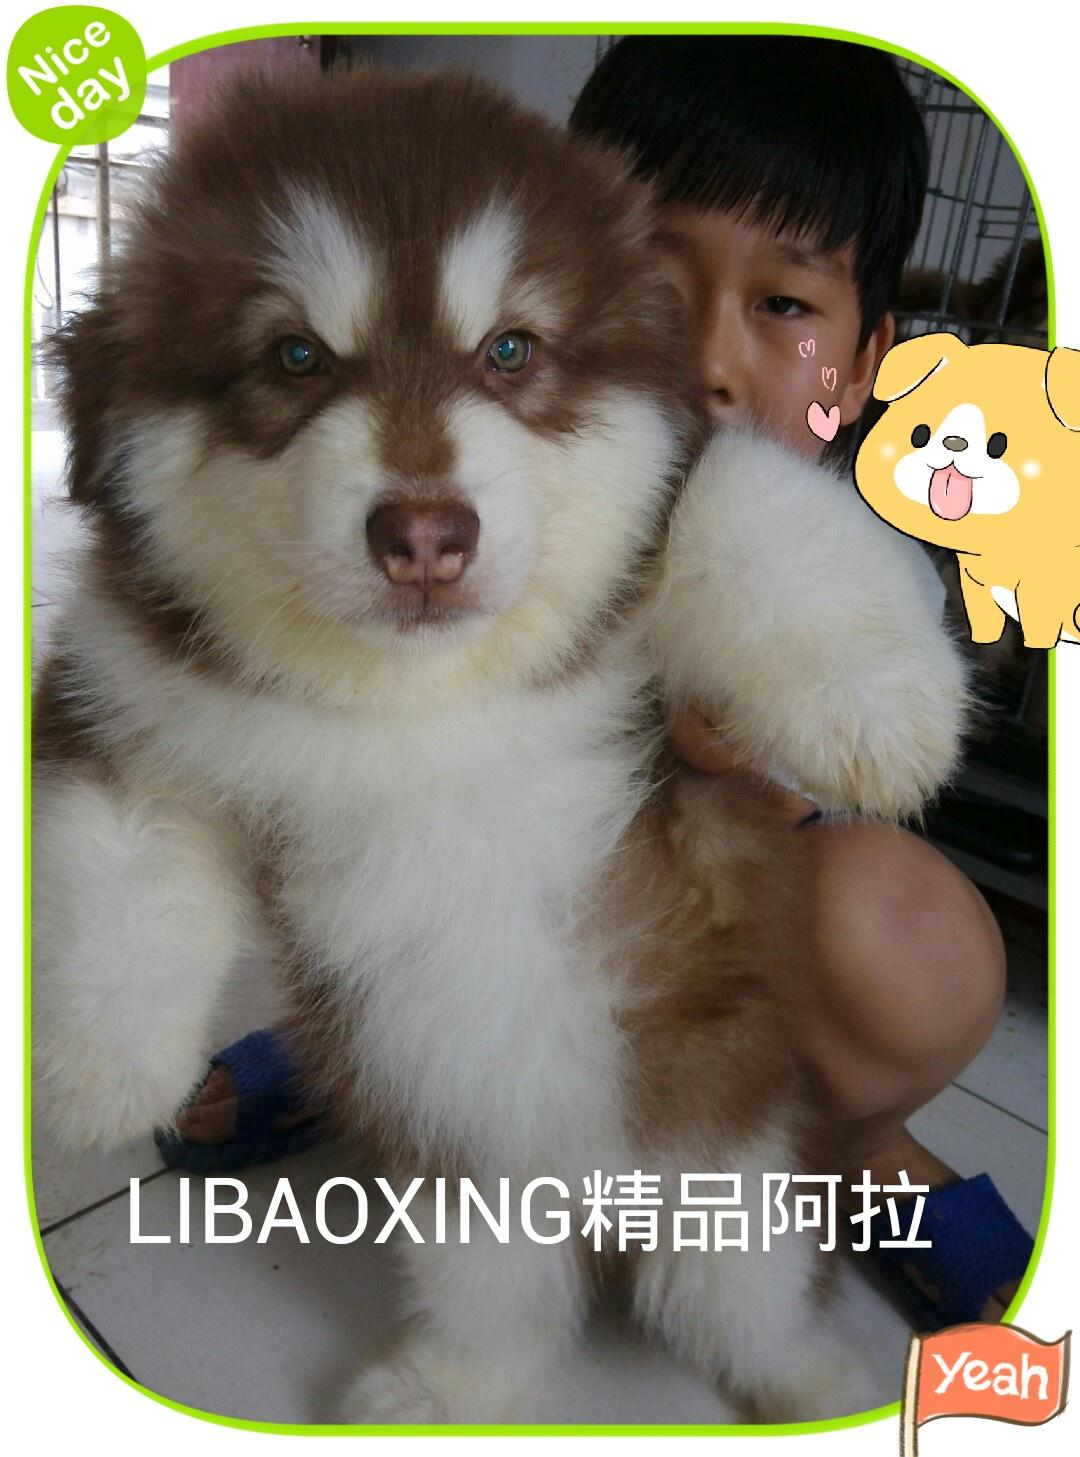 LIBAOXING